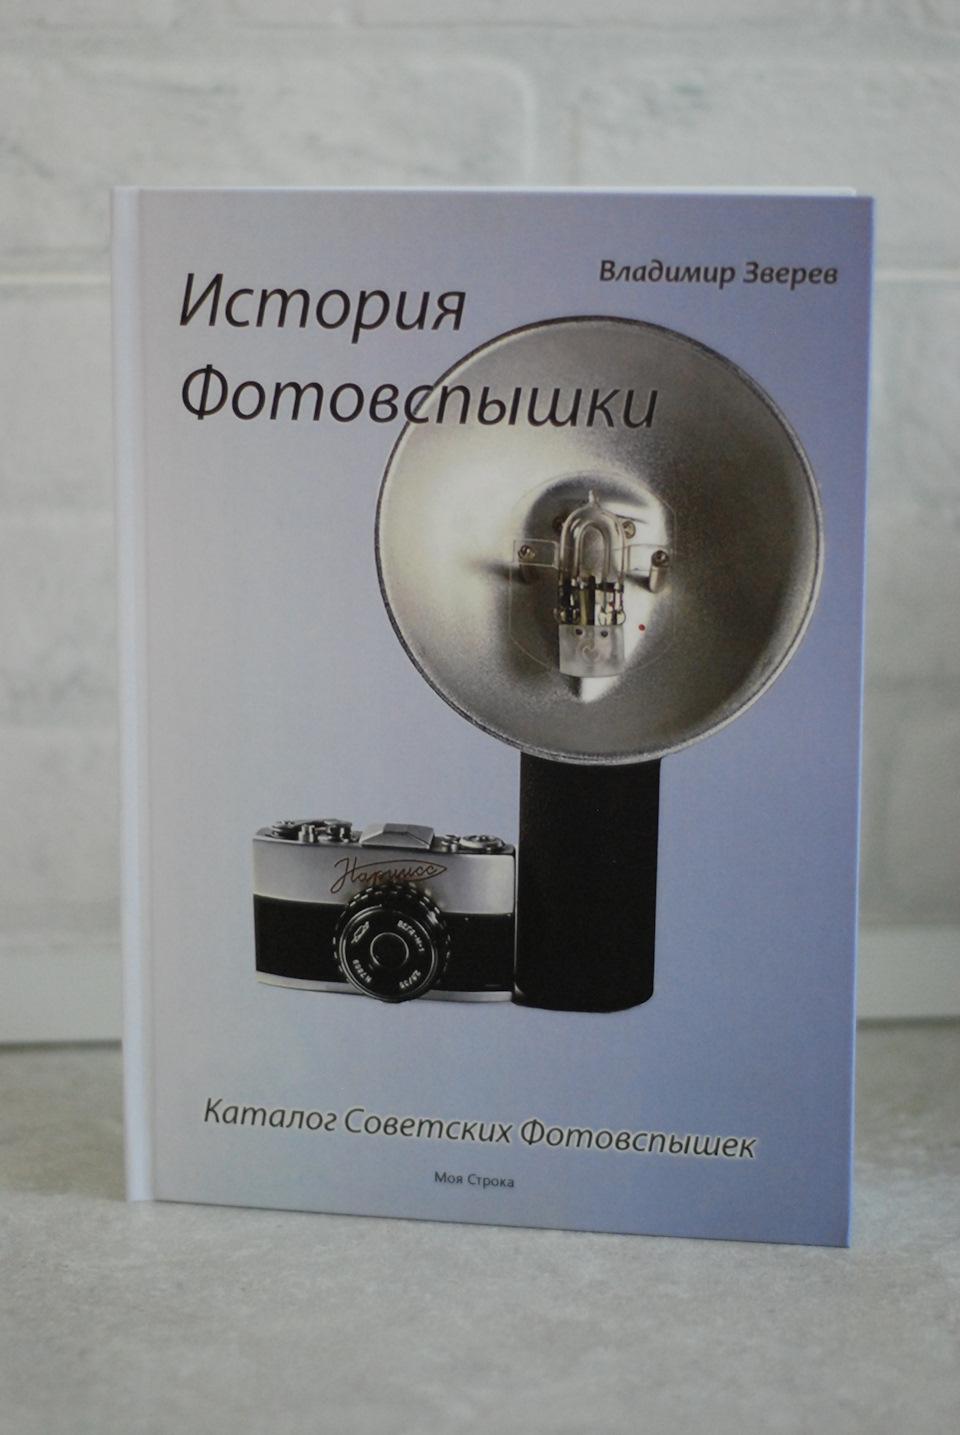 45fad6ds-960.jpg